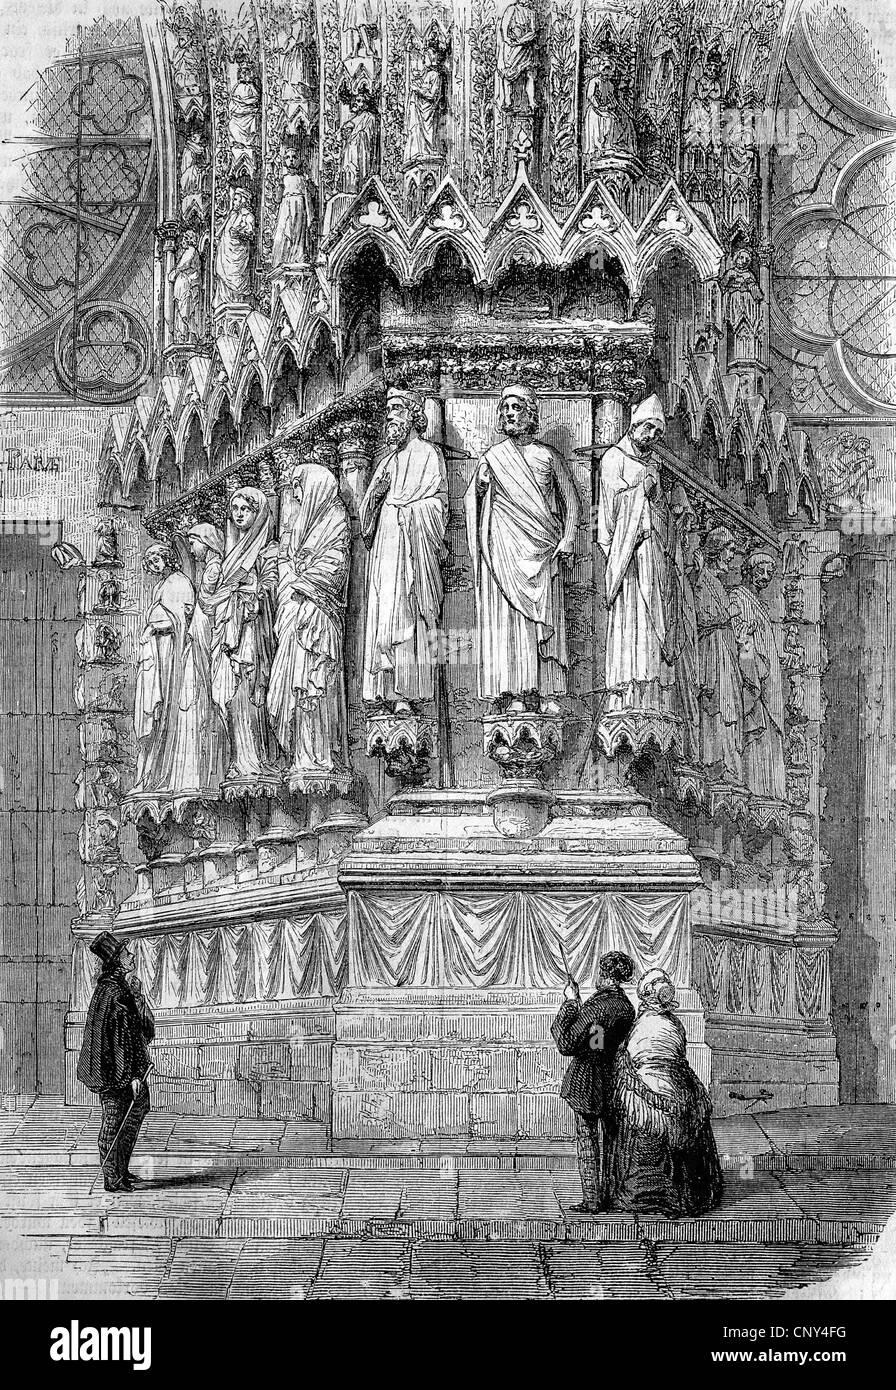 Portal der Kathedrale Reims, Frankreich, historische Holzstich ca. 1888 Stockbild